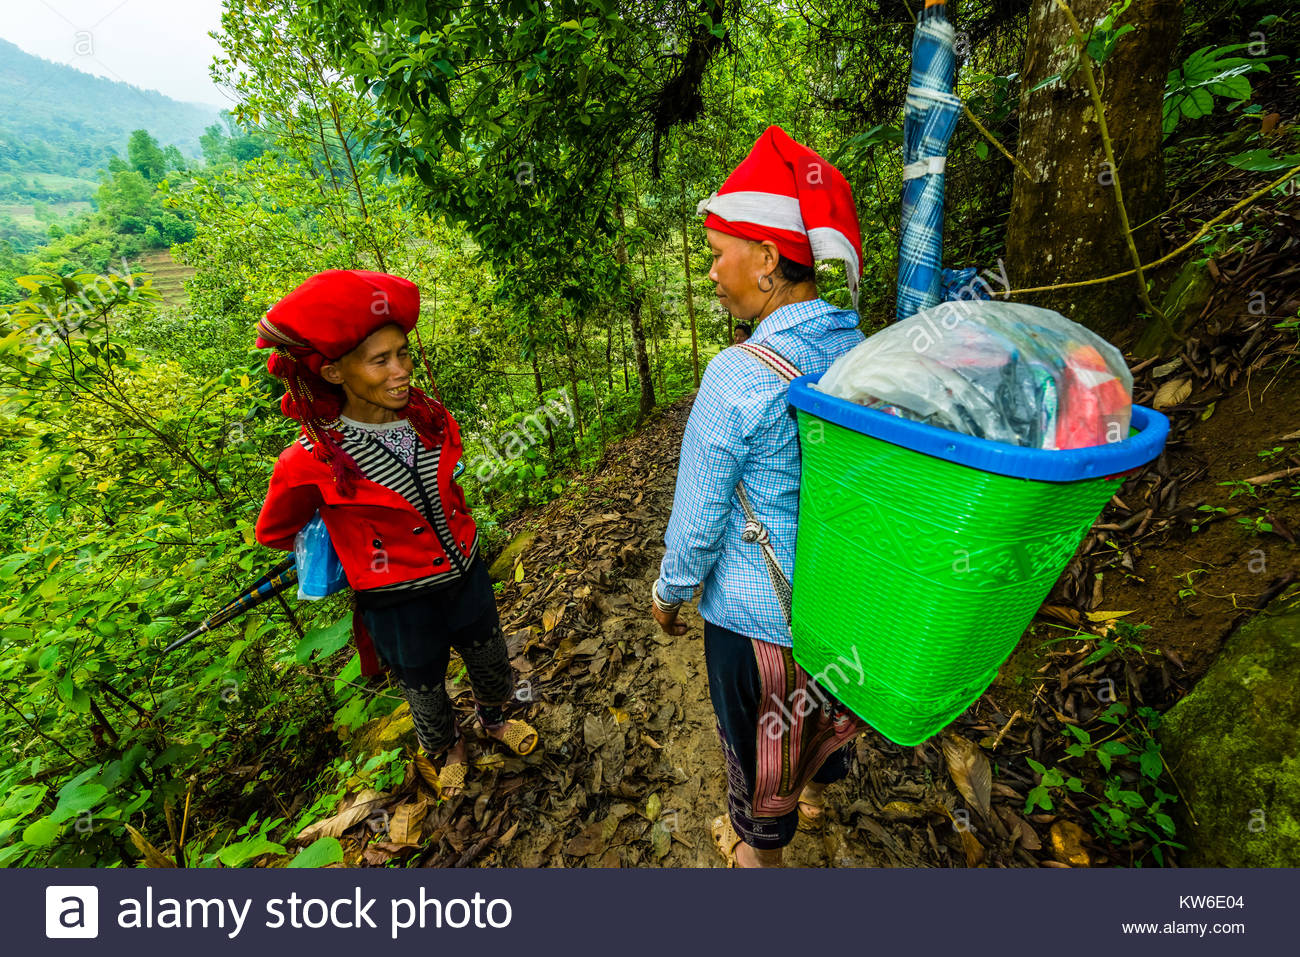 Dao rouge (minorité ethnique) femmes des tribus des collines réunion sur un sentier dans la vallée Photo Stock